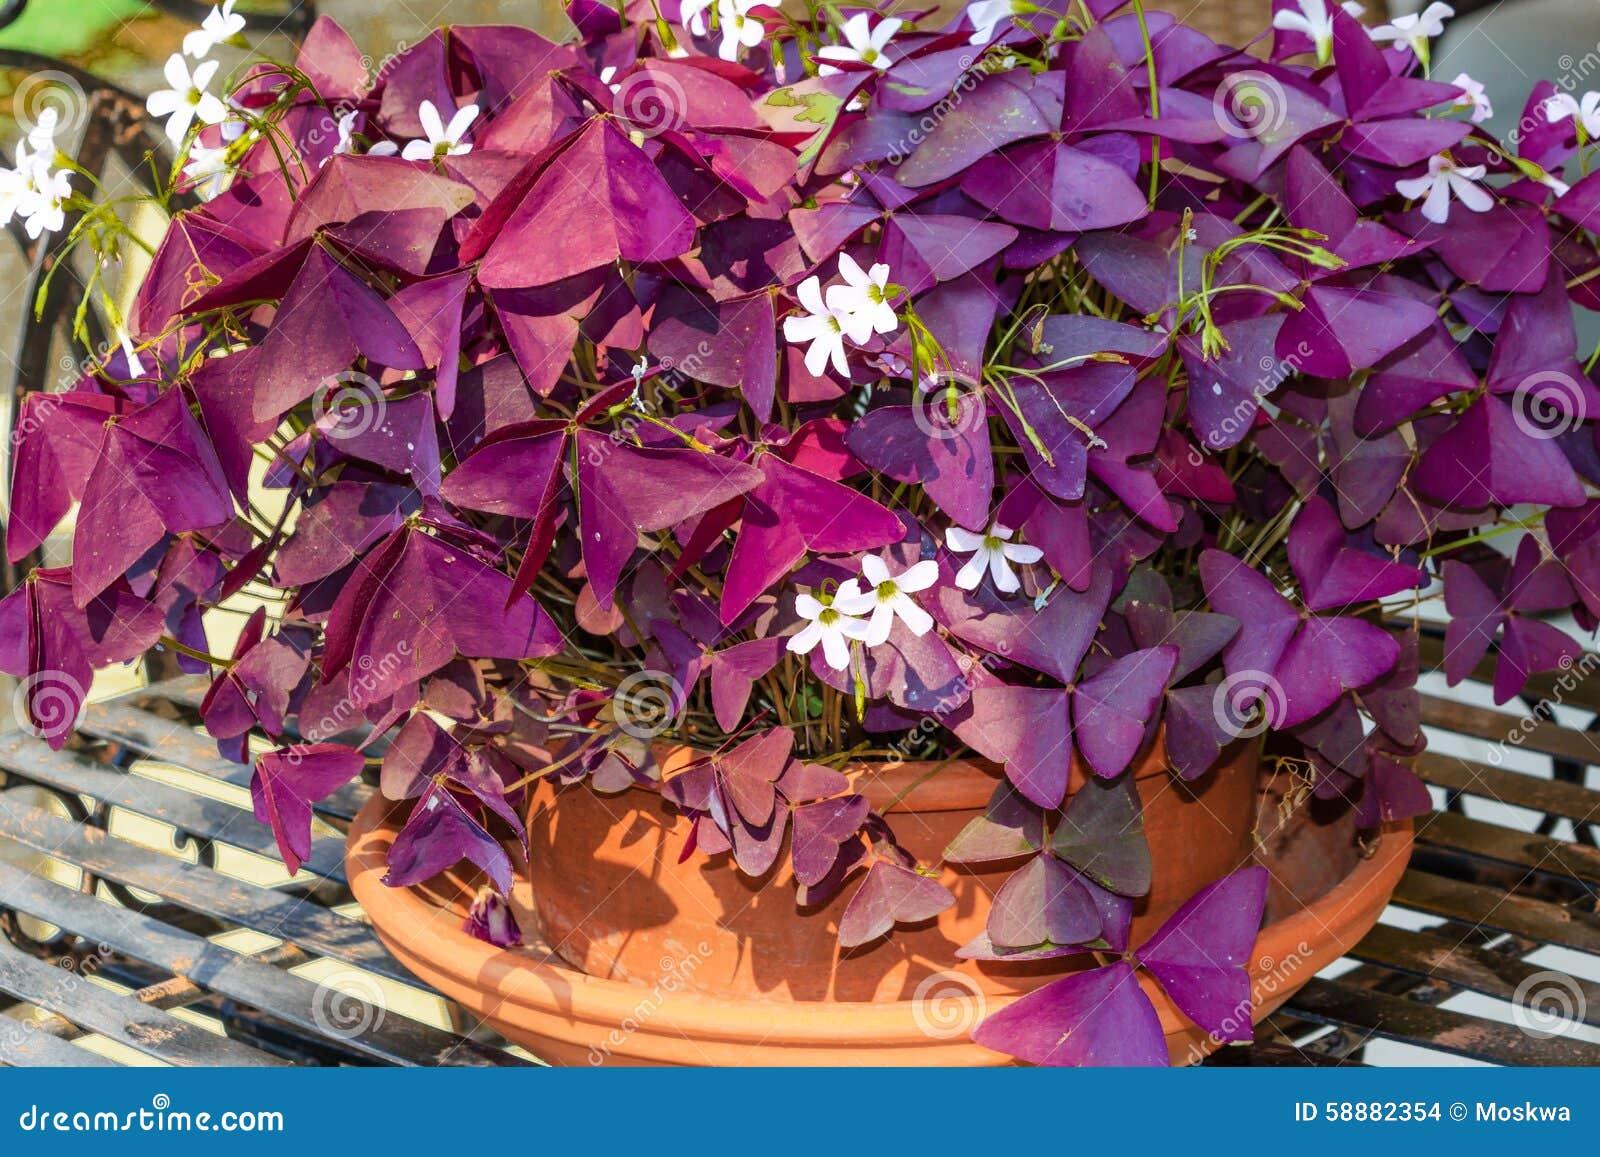 Комнатные цветы кислица фото названия и уход за ними